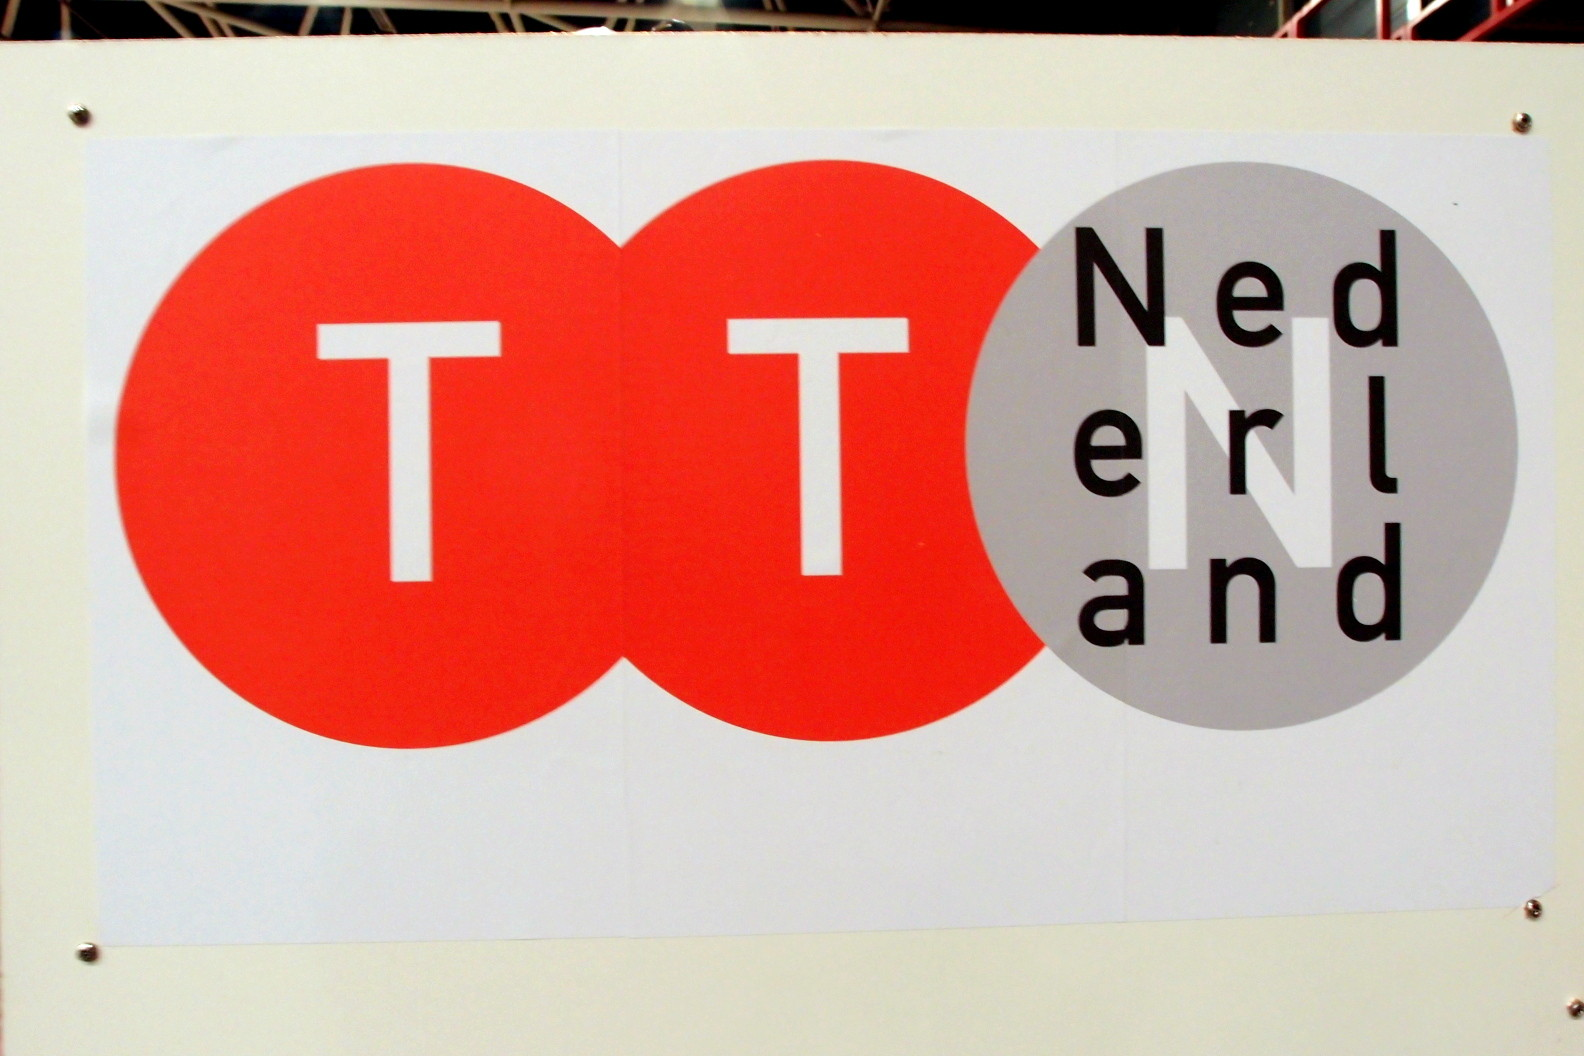 Auct in Holland ist TT nicht unbekannt